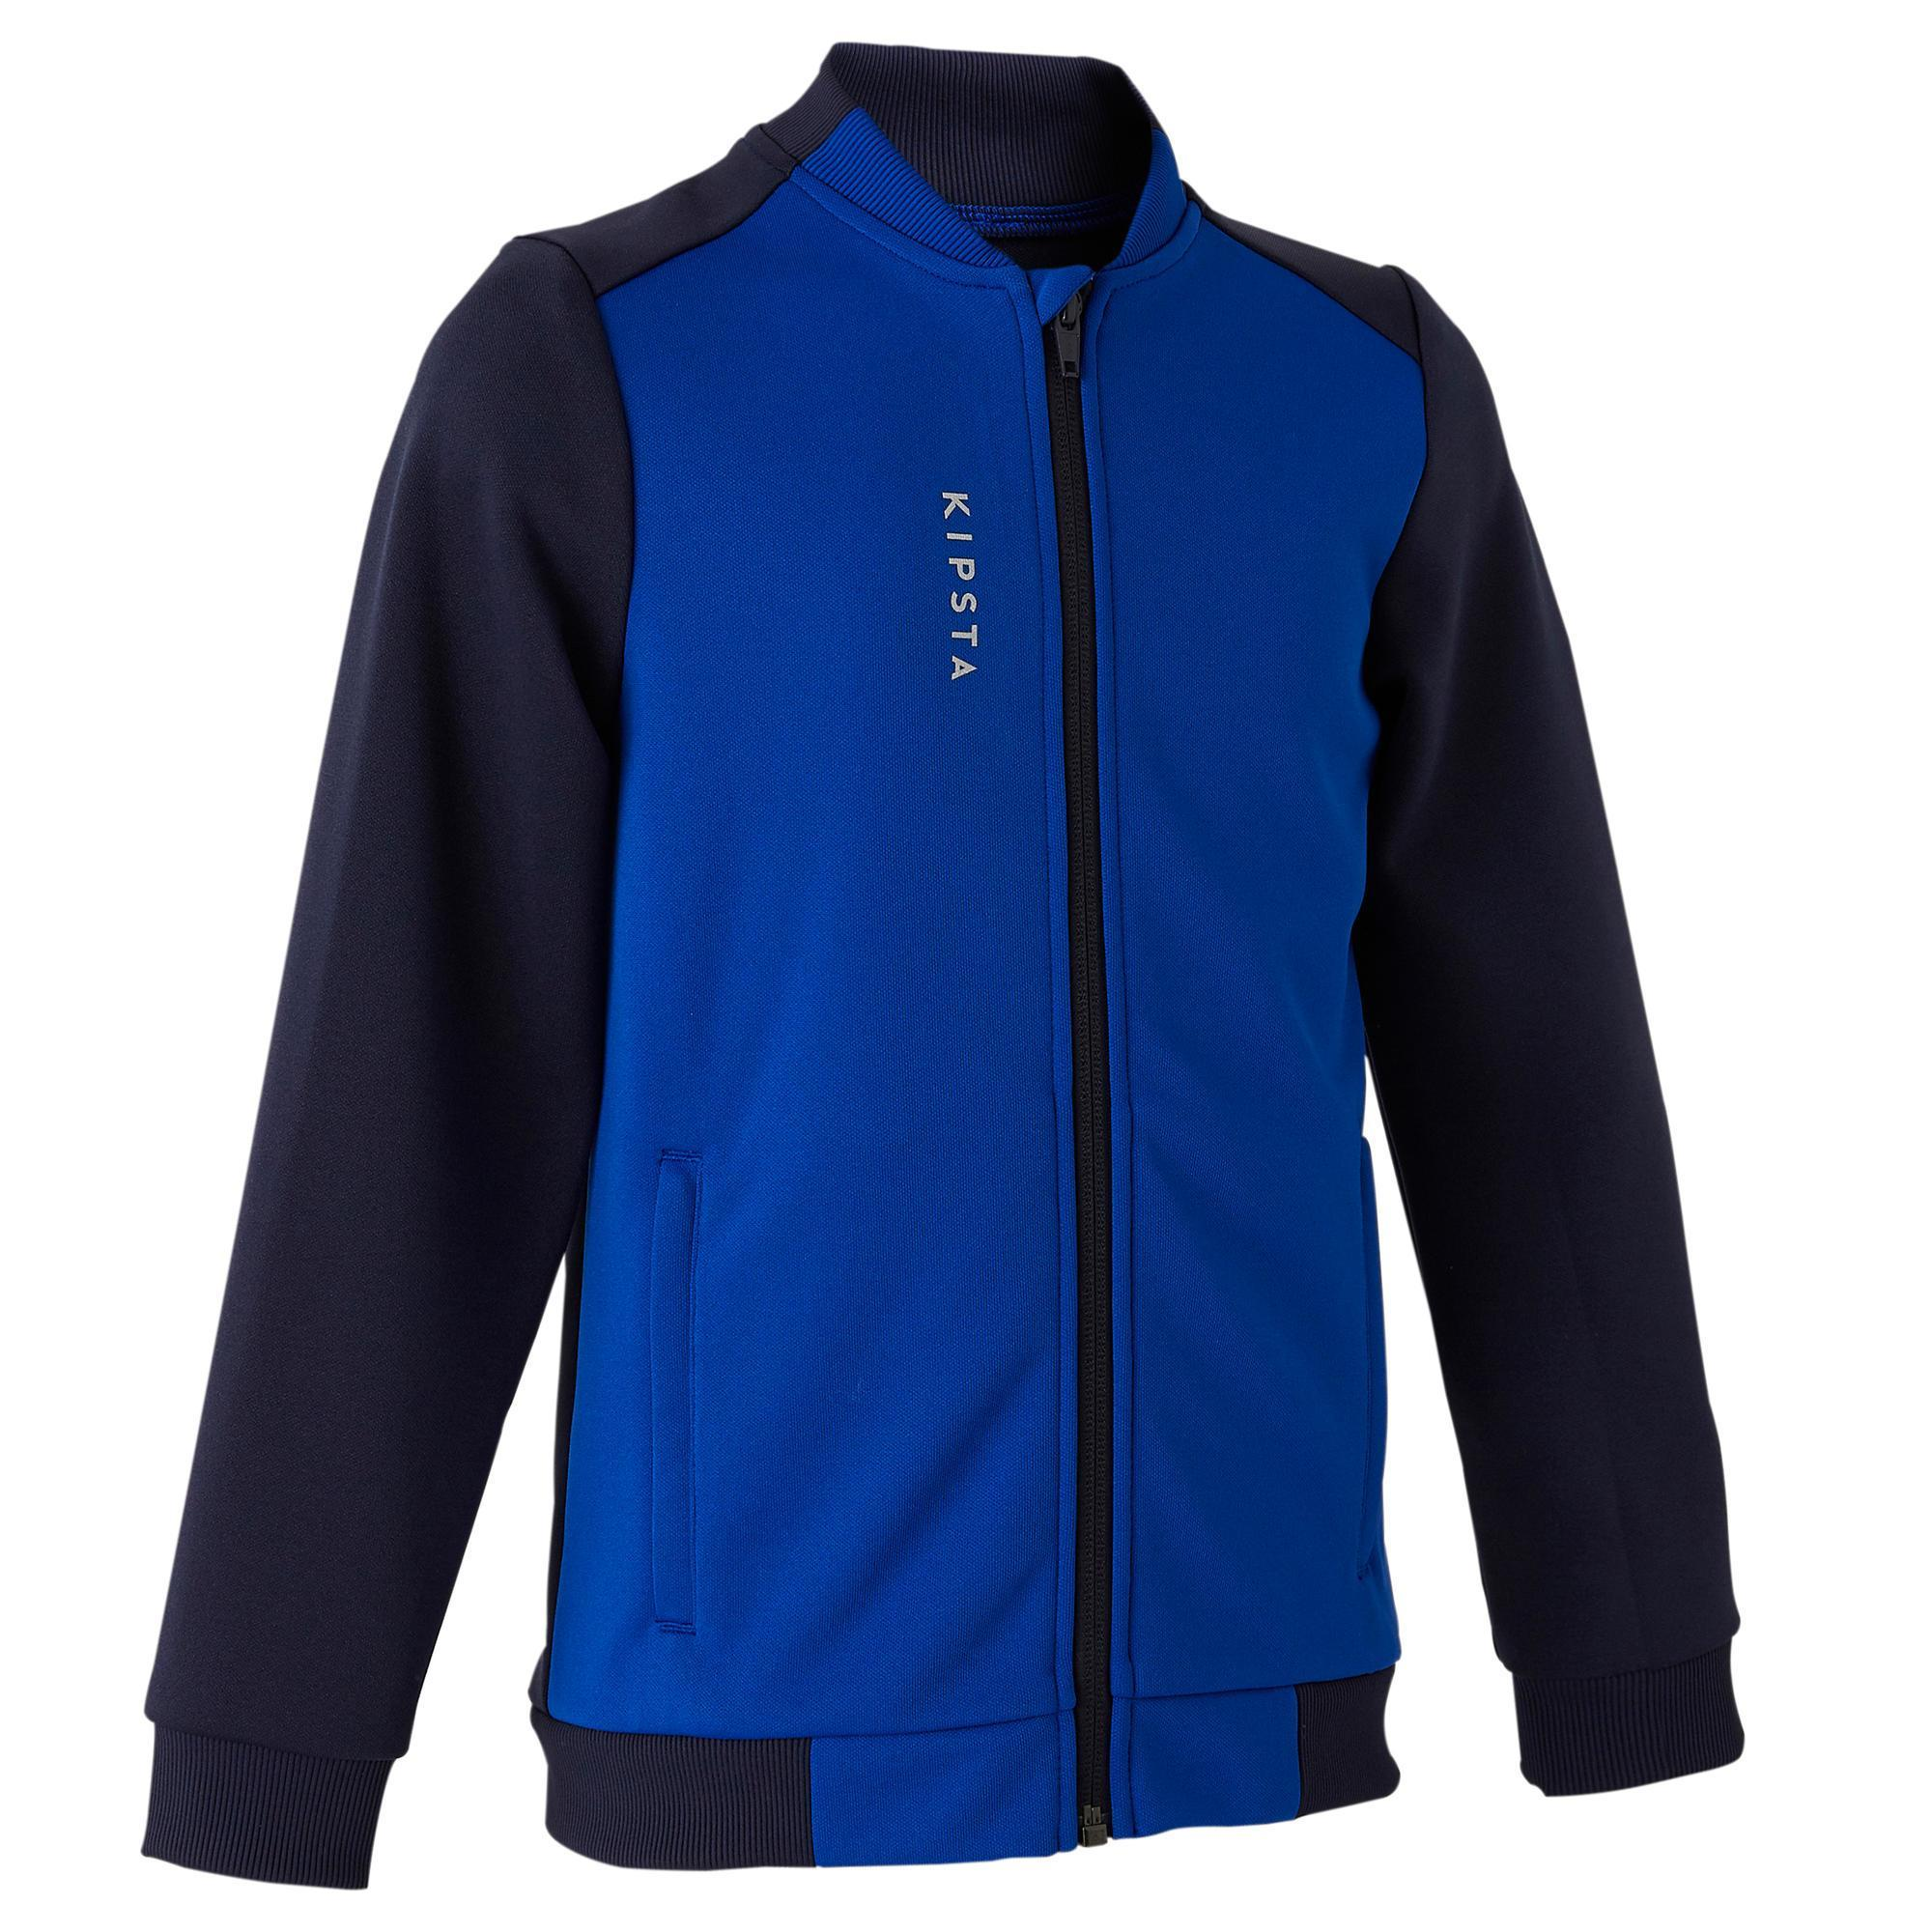 Kids' Football Training Jacket T100 - Blue